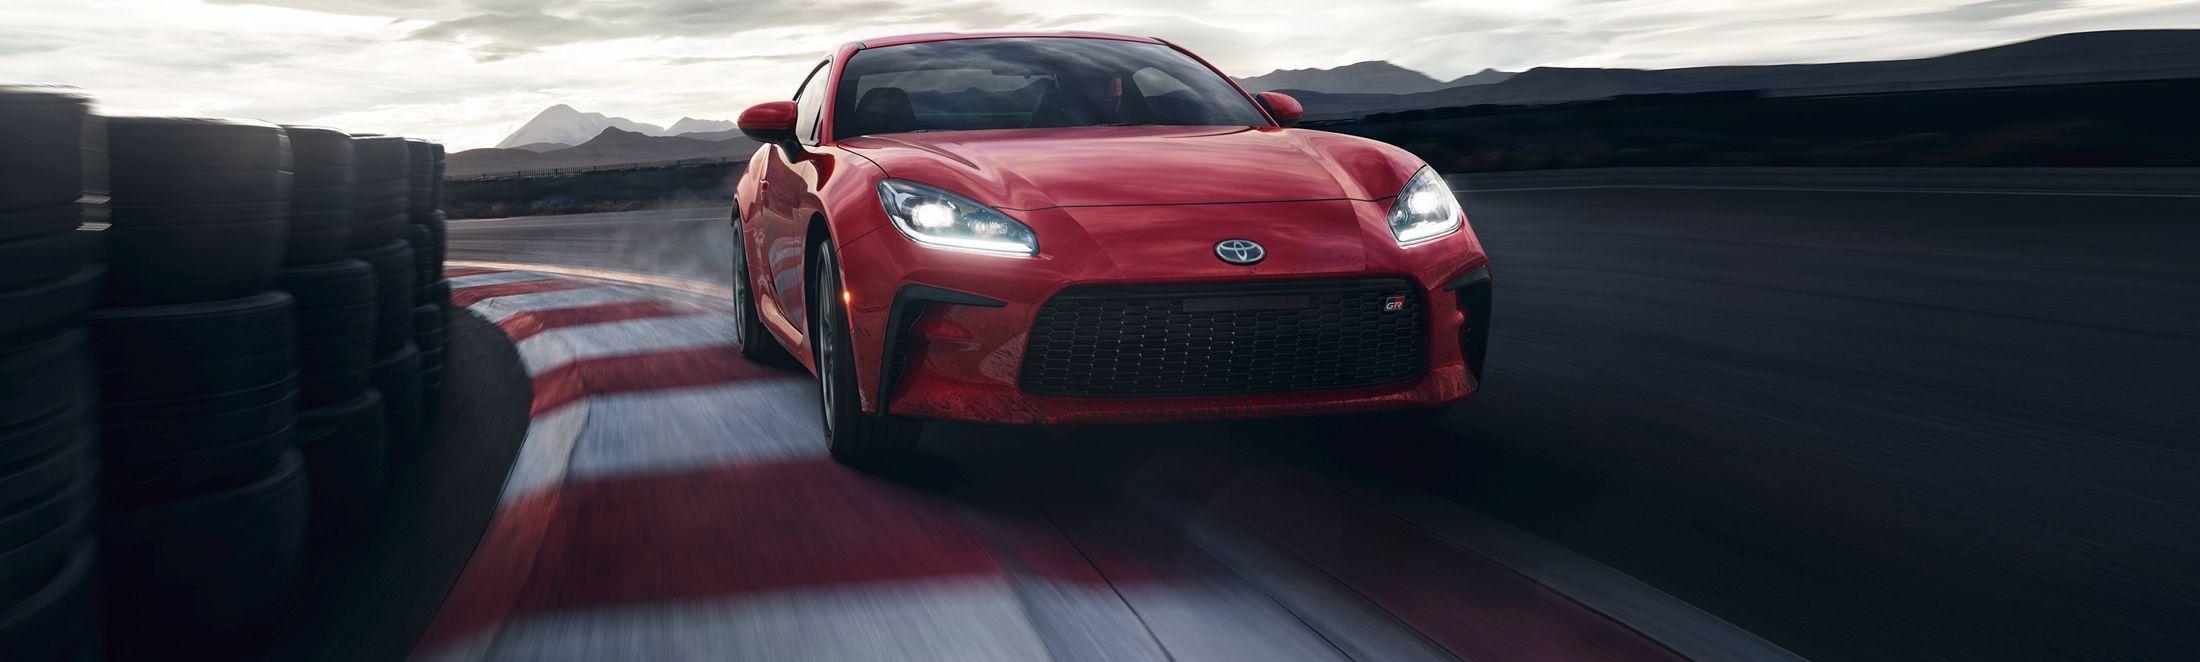 Futures voitures et véhicules concepts